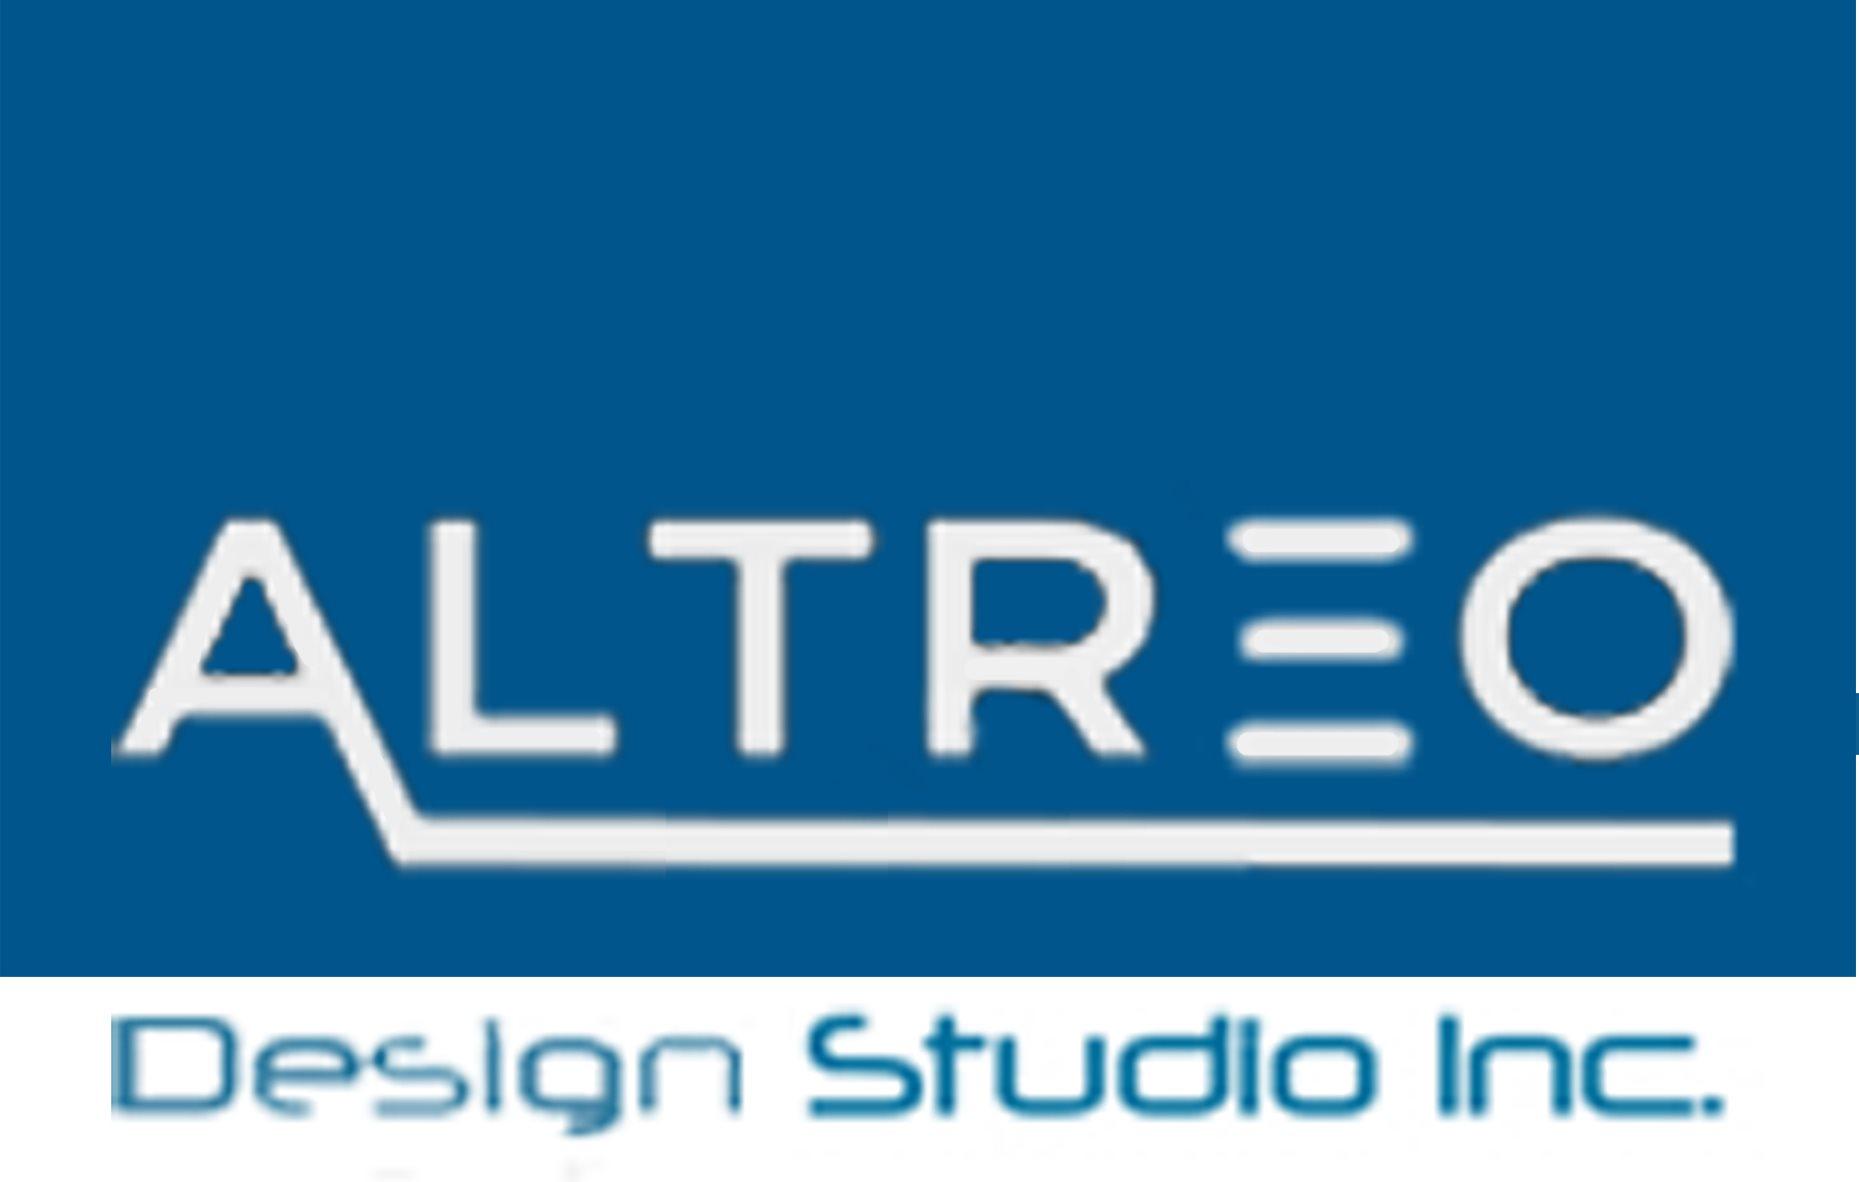 Altreo Design